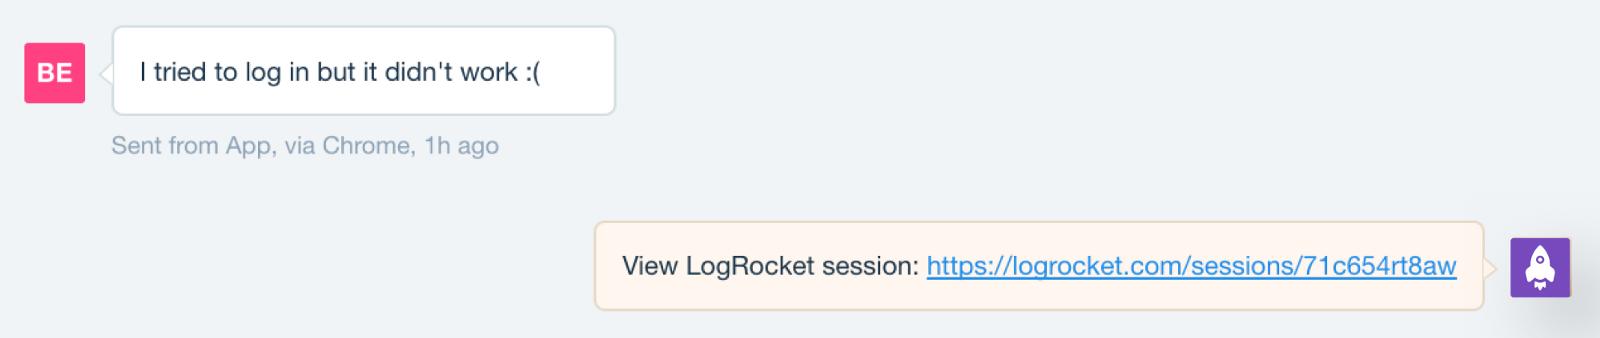 LogRocket support